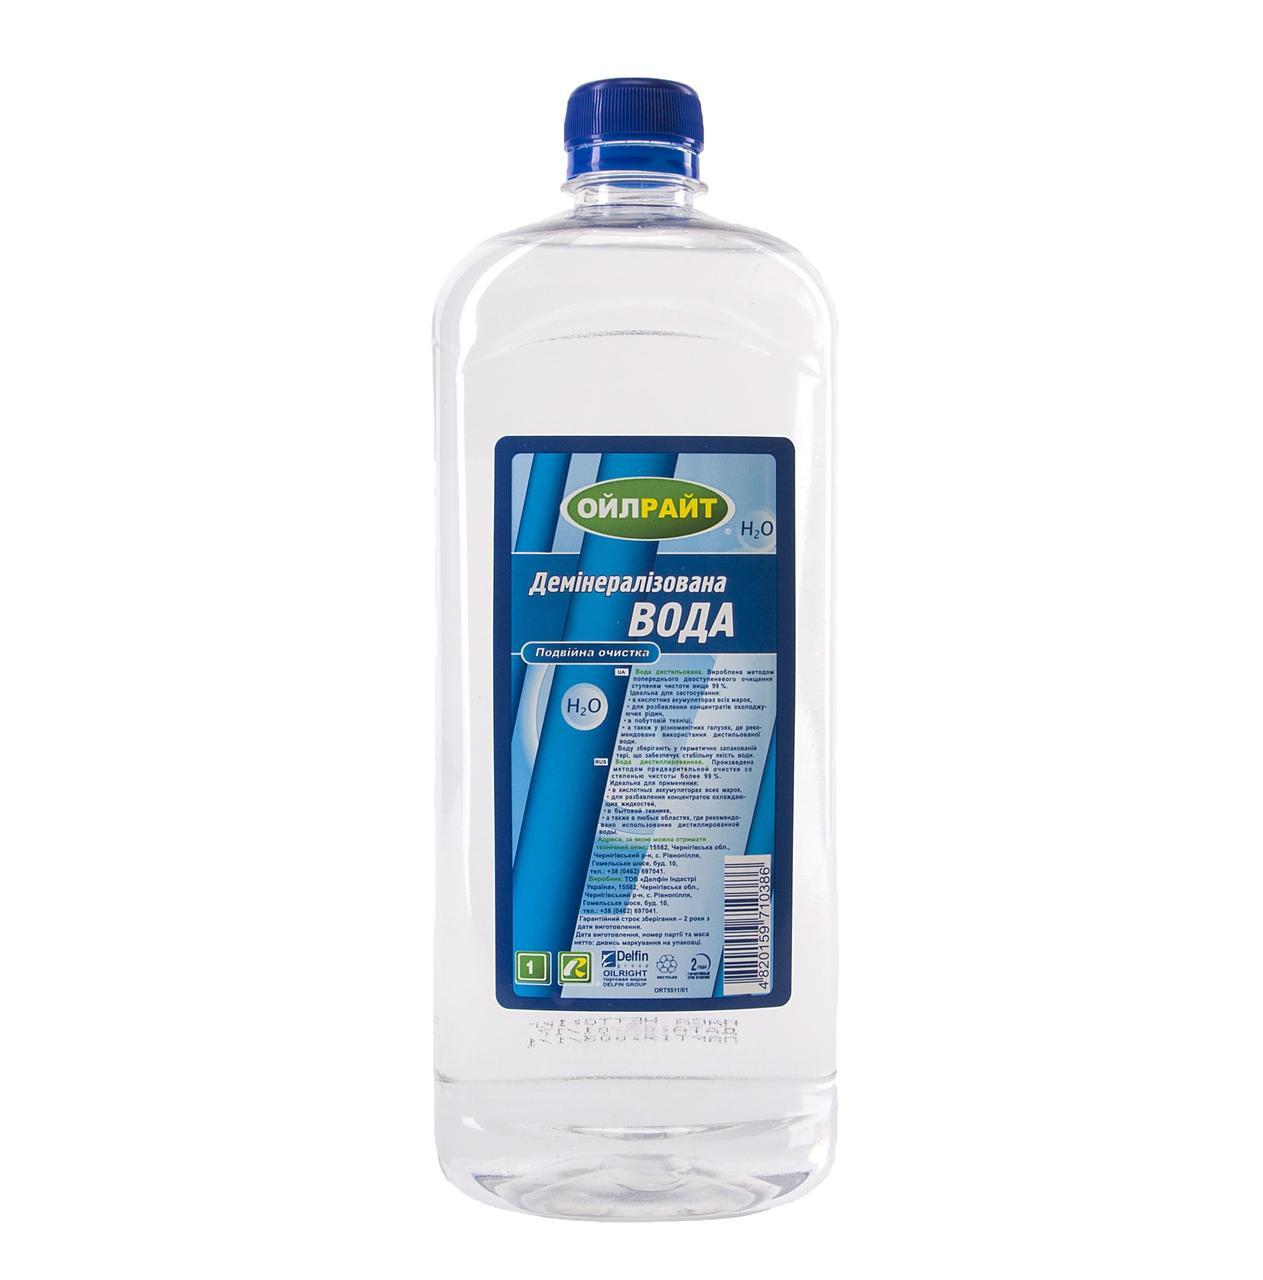 Вода деминерализованная ОйлРайт 1л